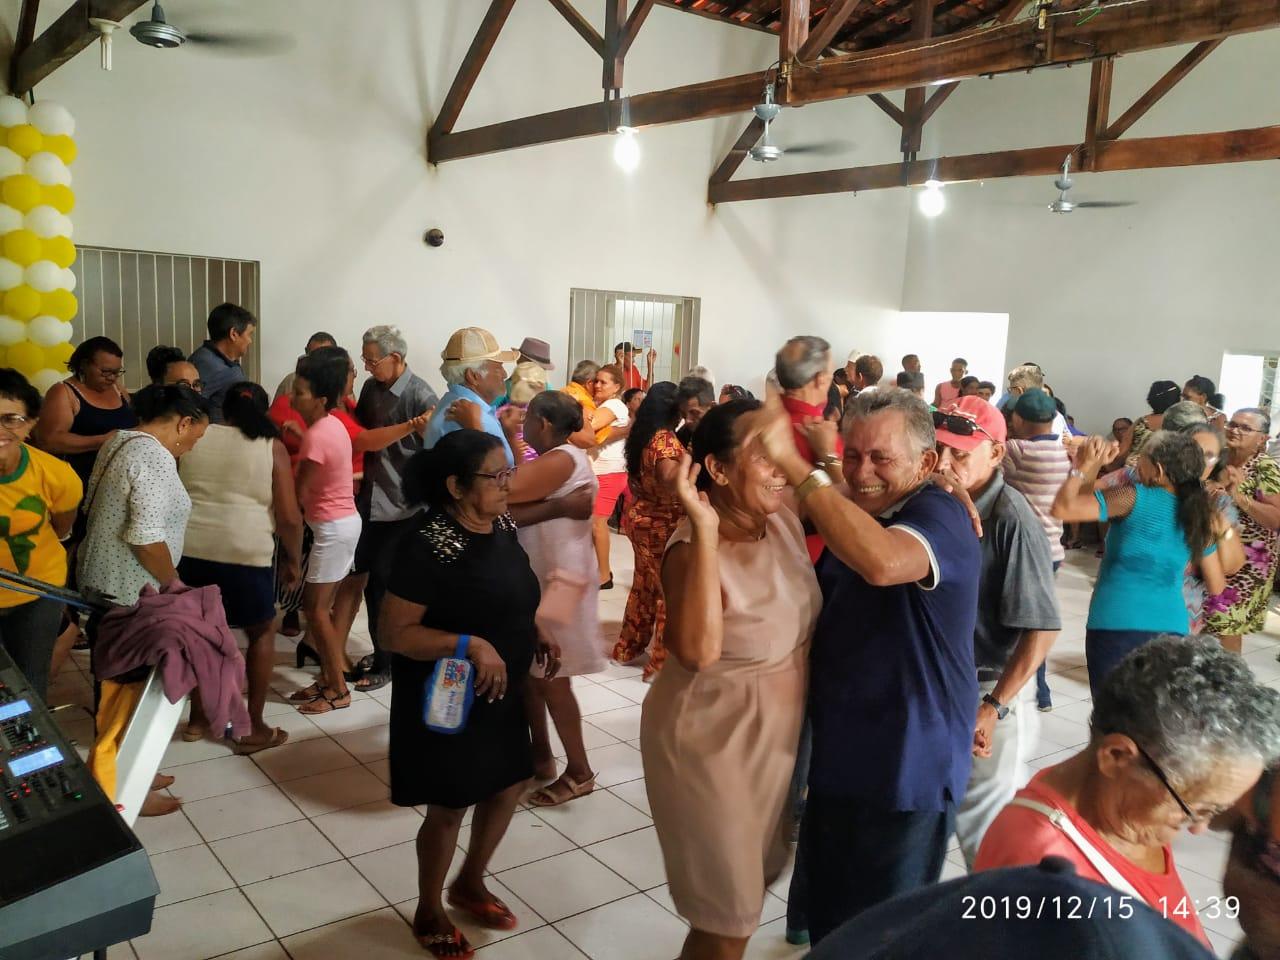 Com um grande baile prefeitura faz encerramento do tradicional Forró dos idosos em Monsenhor Gil  - Imagem 14